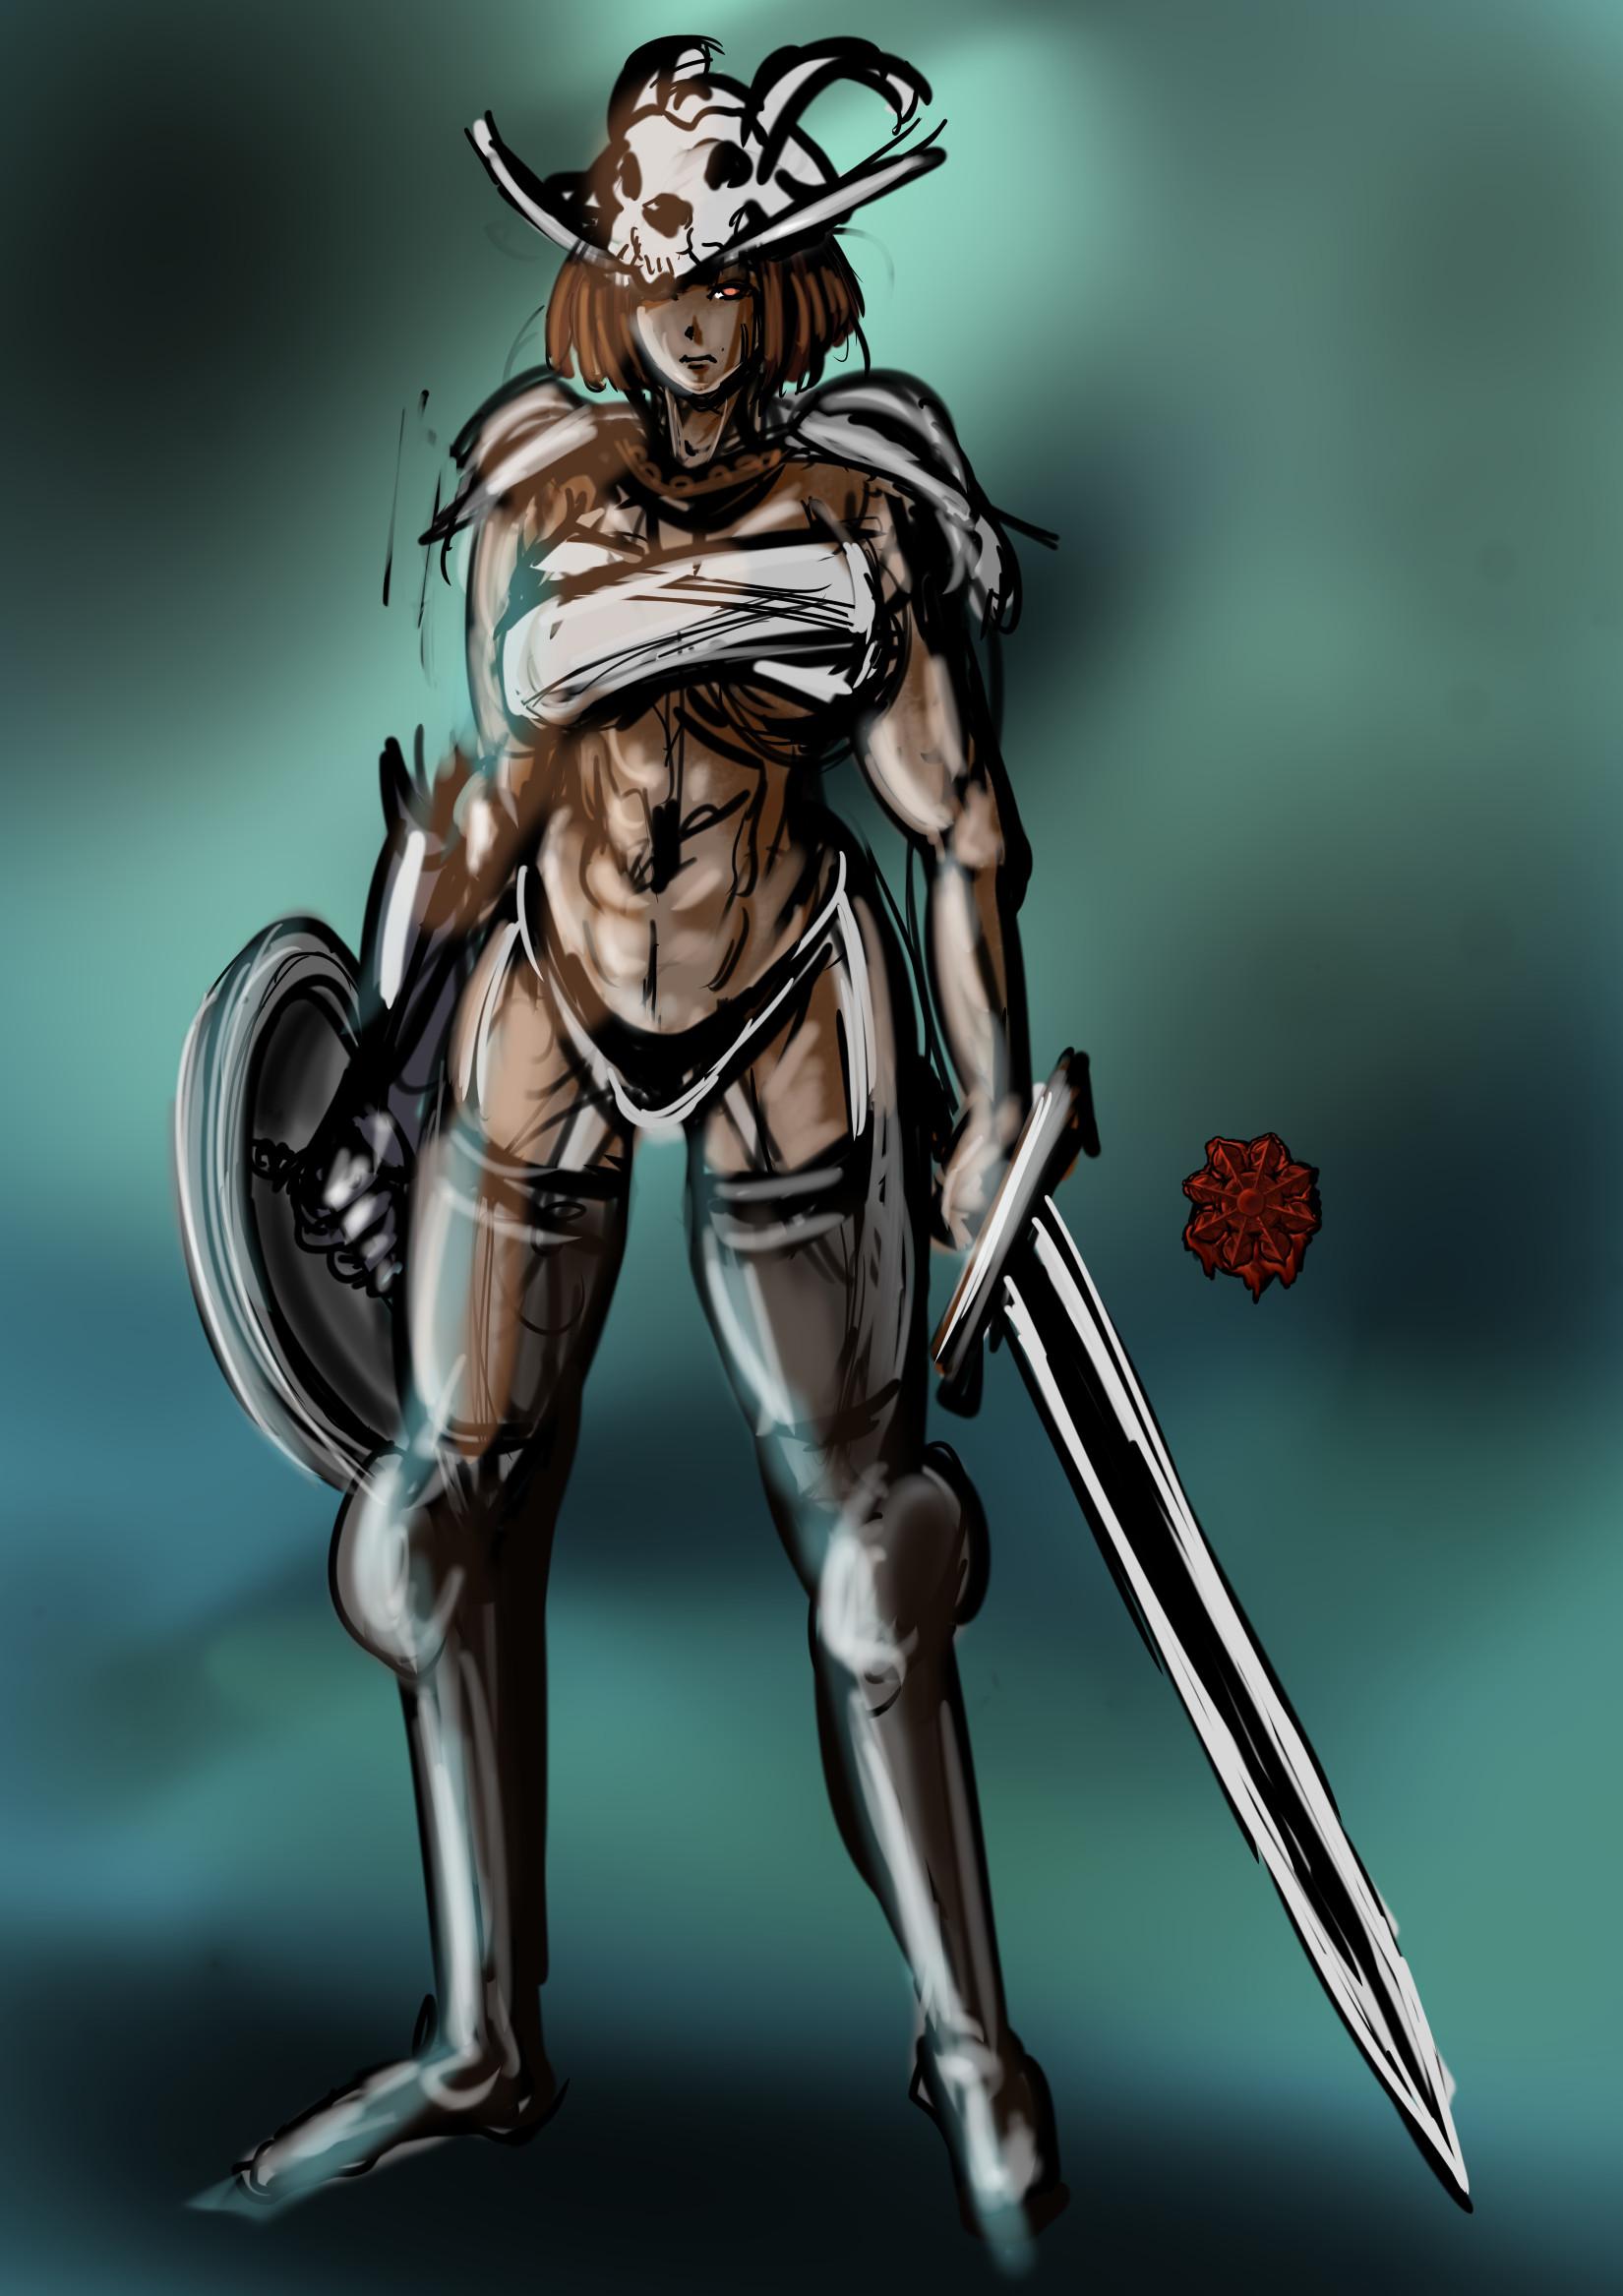 セクシーギャル野蛮人戦士